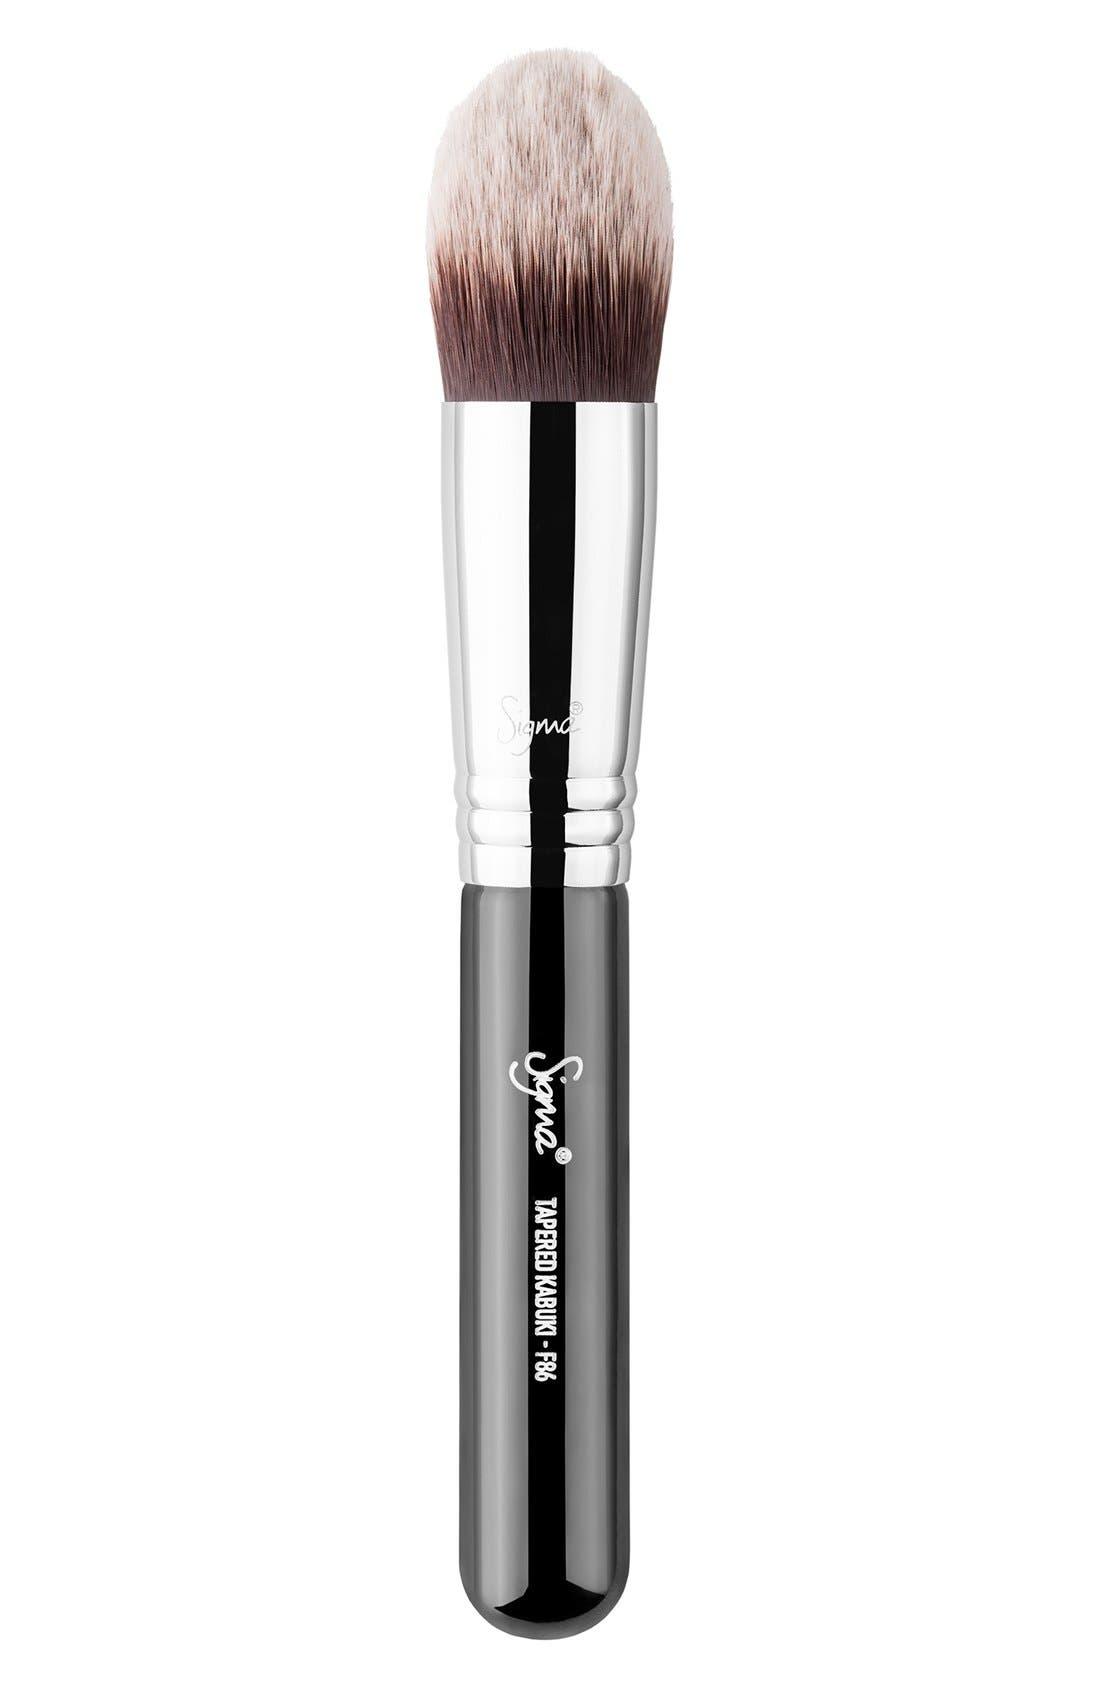 Image of SIGMA F86 Tapered Kabuki Brush